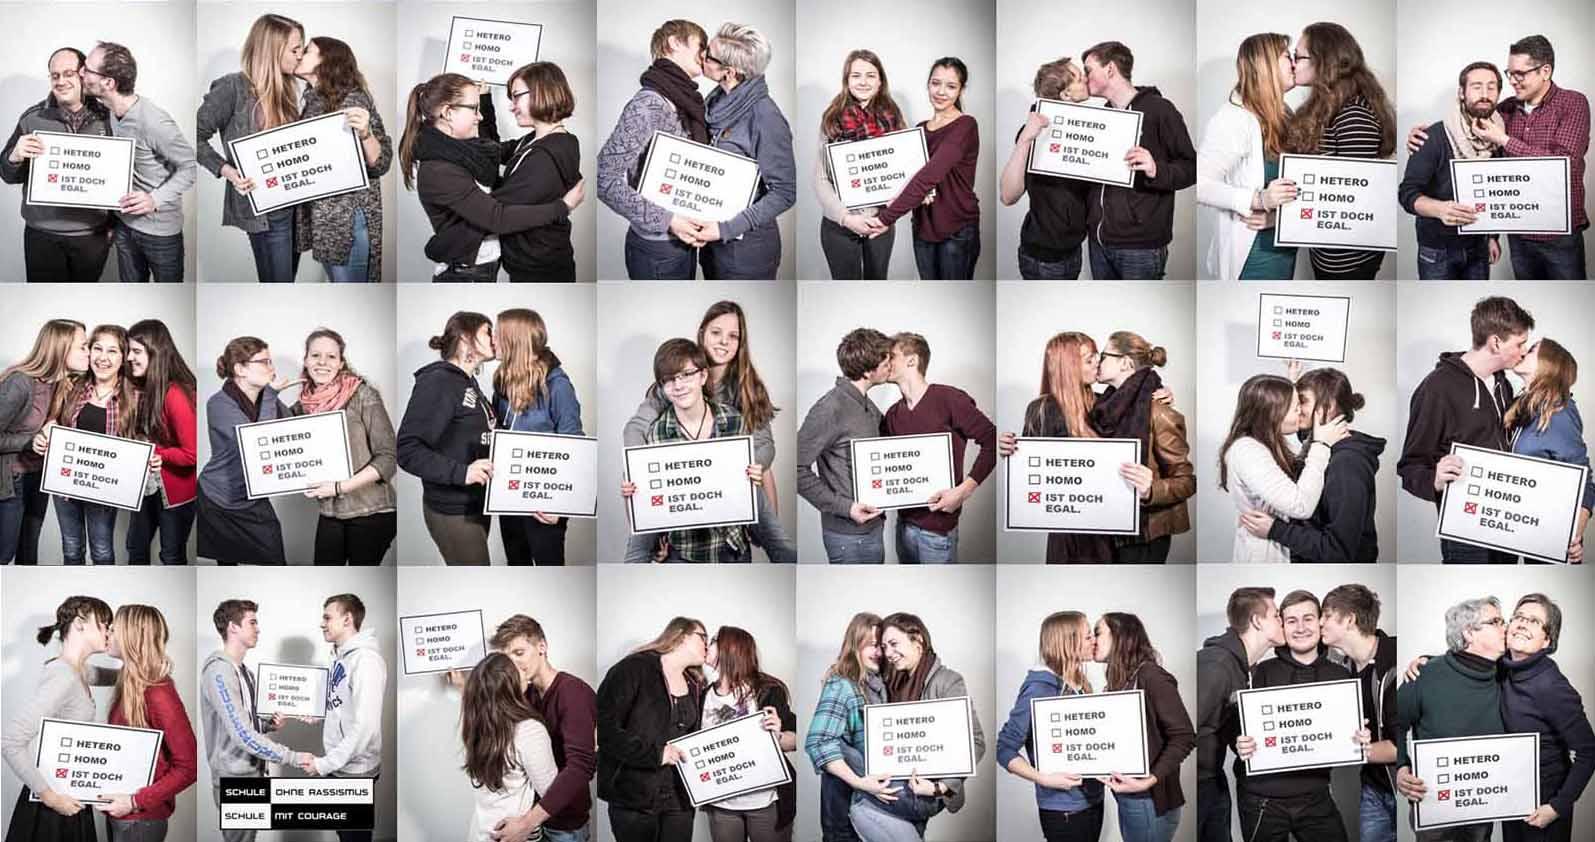 """Das Max-Planck-Gymnasium,präsentierte die Ergebnisse der Fotoaktion """"Dein Gesicht gegen Homophobie""""."""